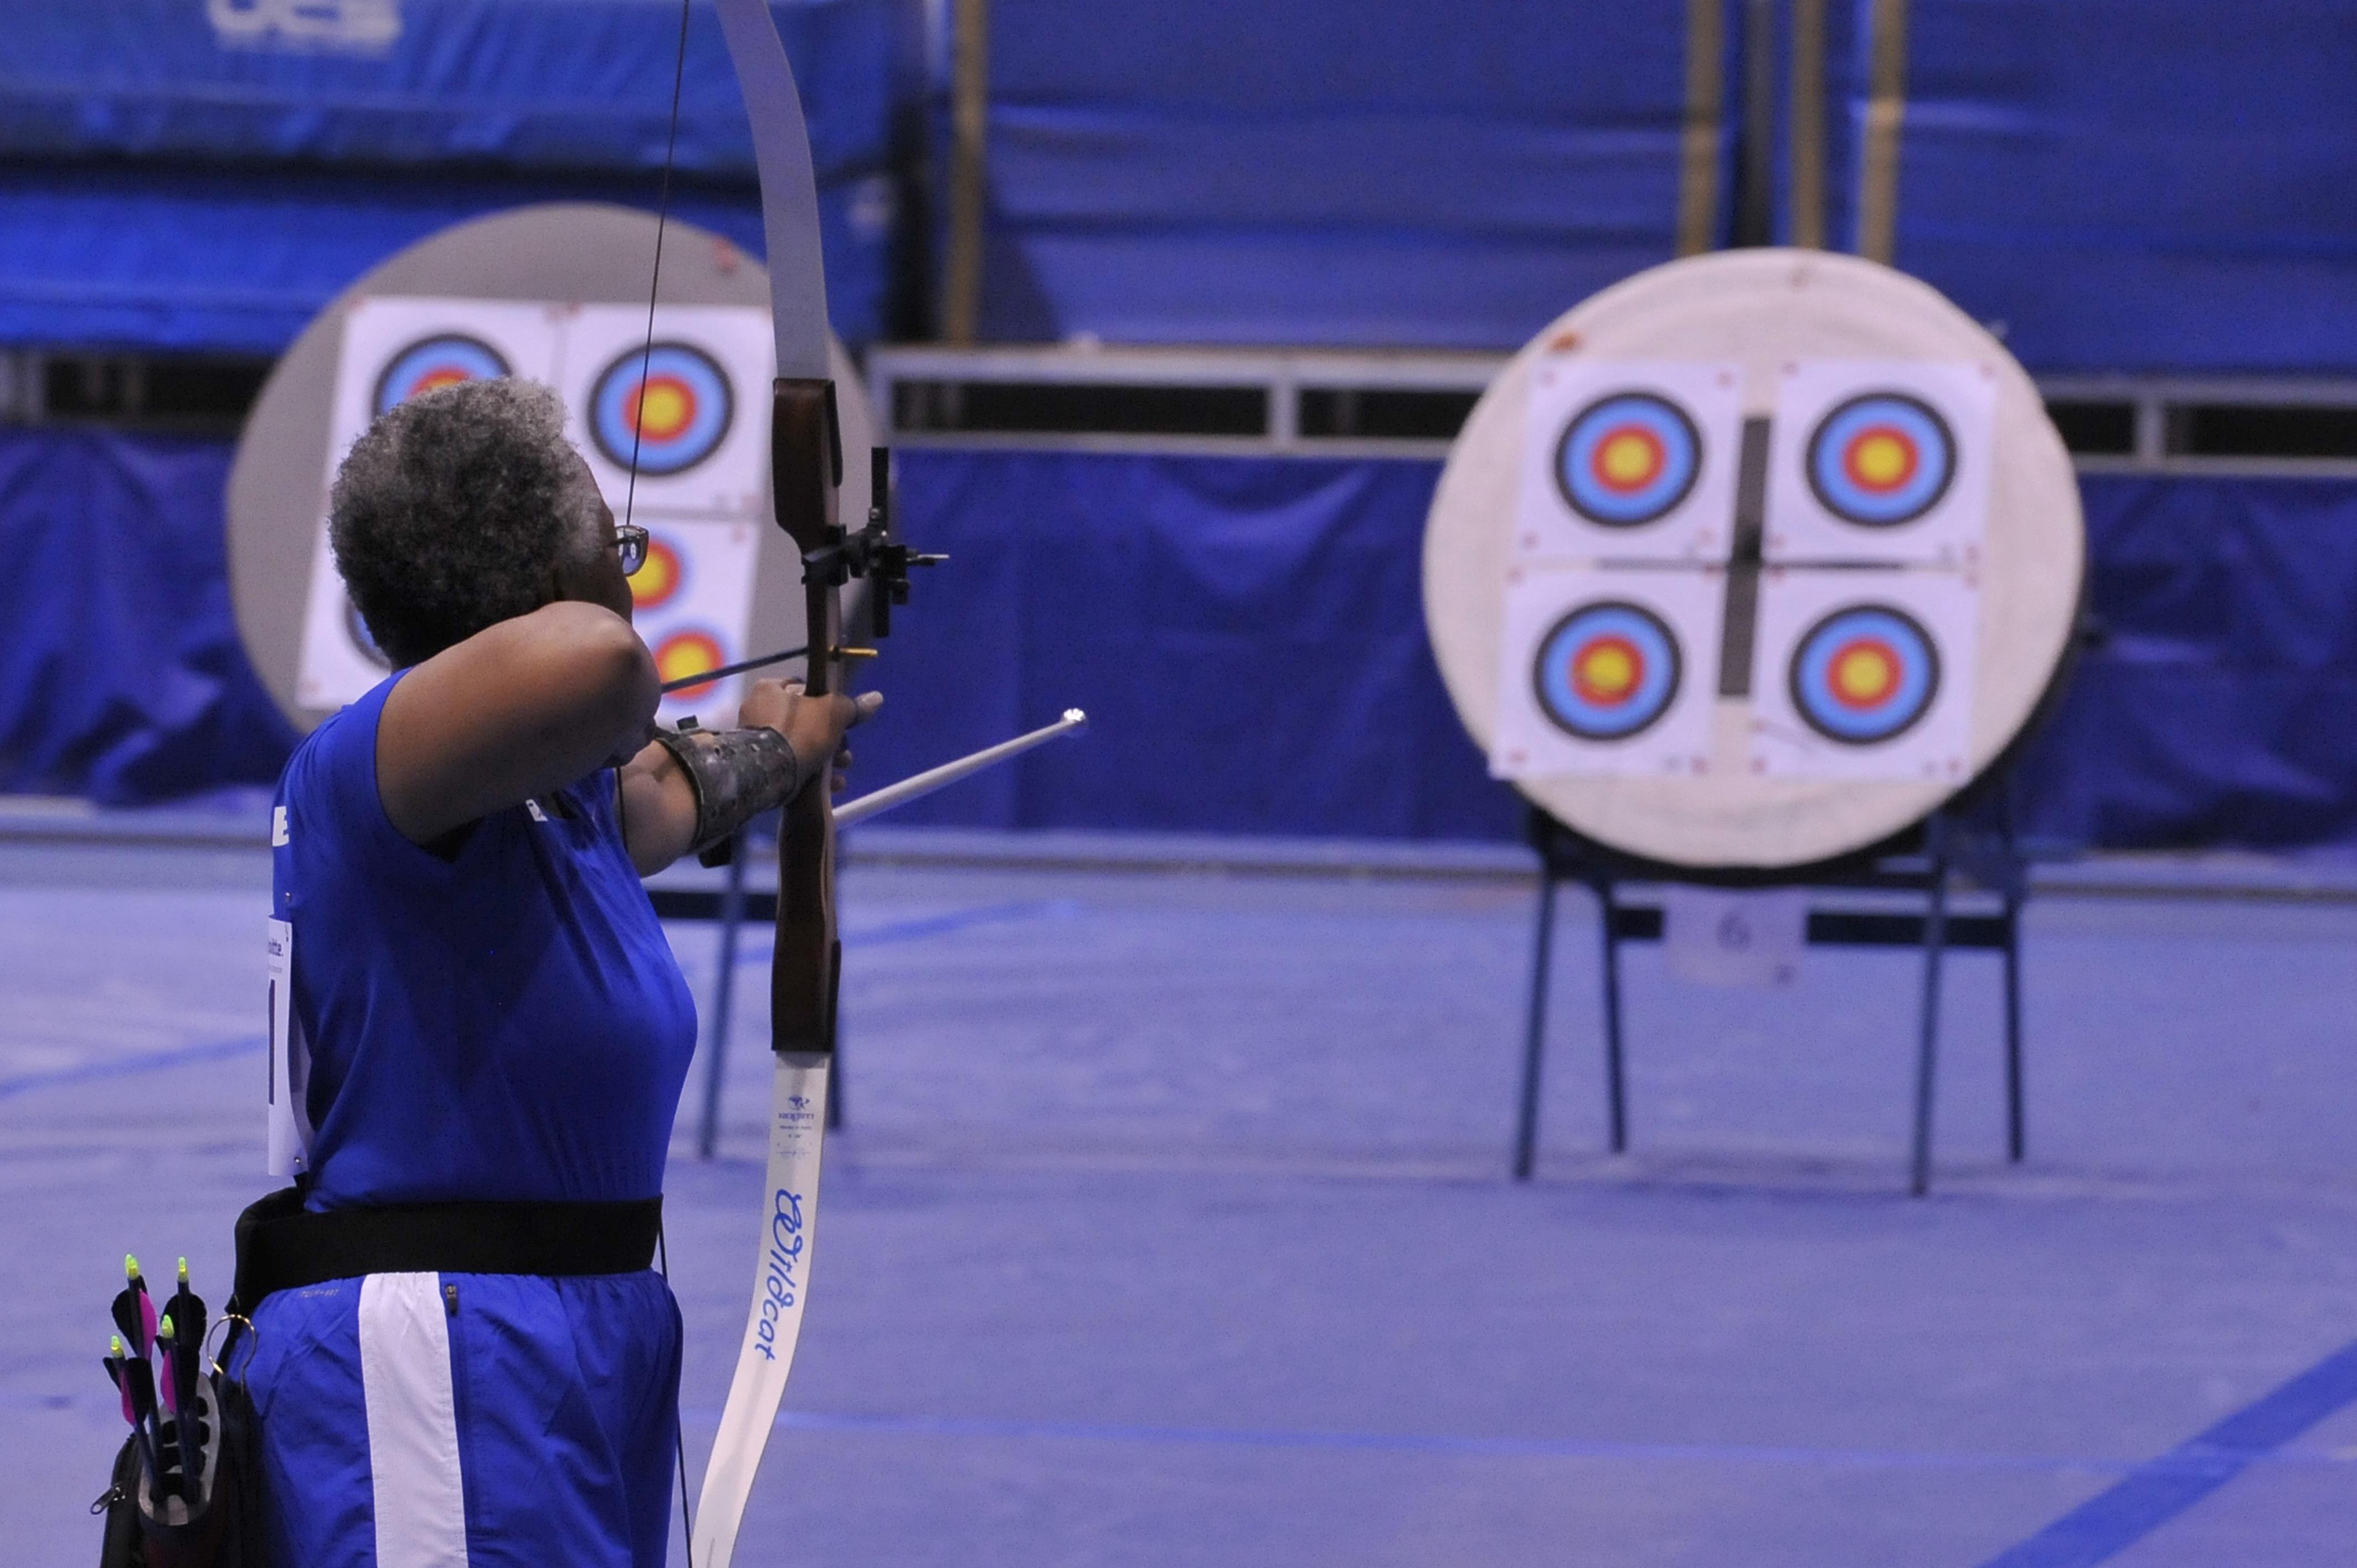 Gambar Wanita Olahraga Biru Ketrampilan Tujuan Kompetisi